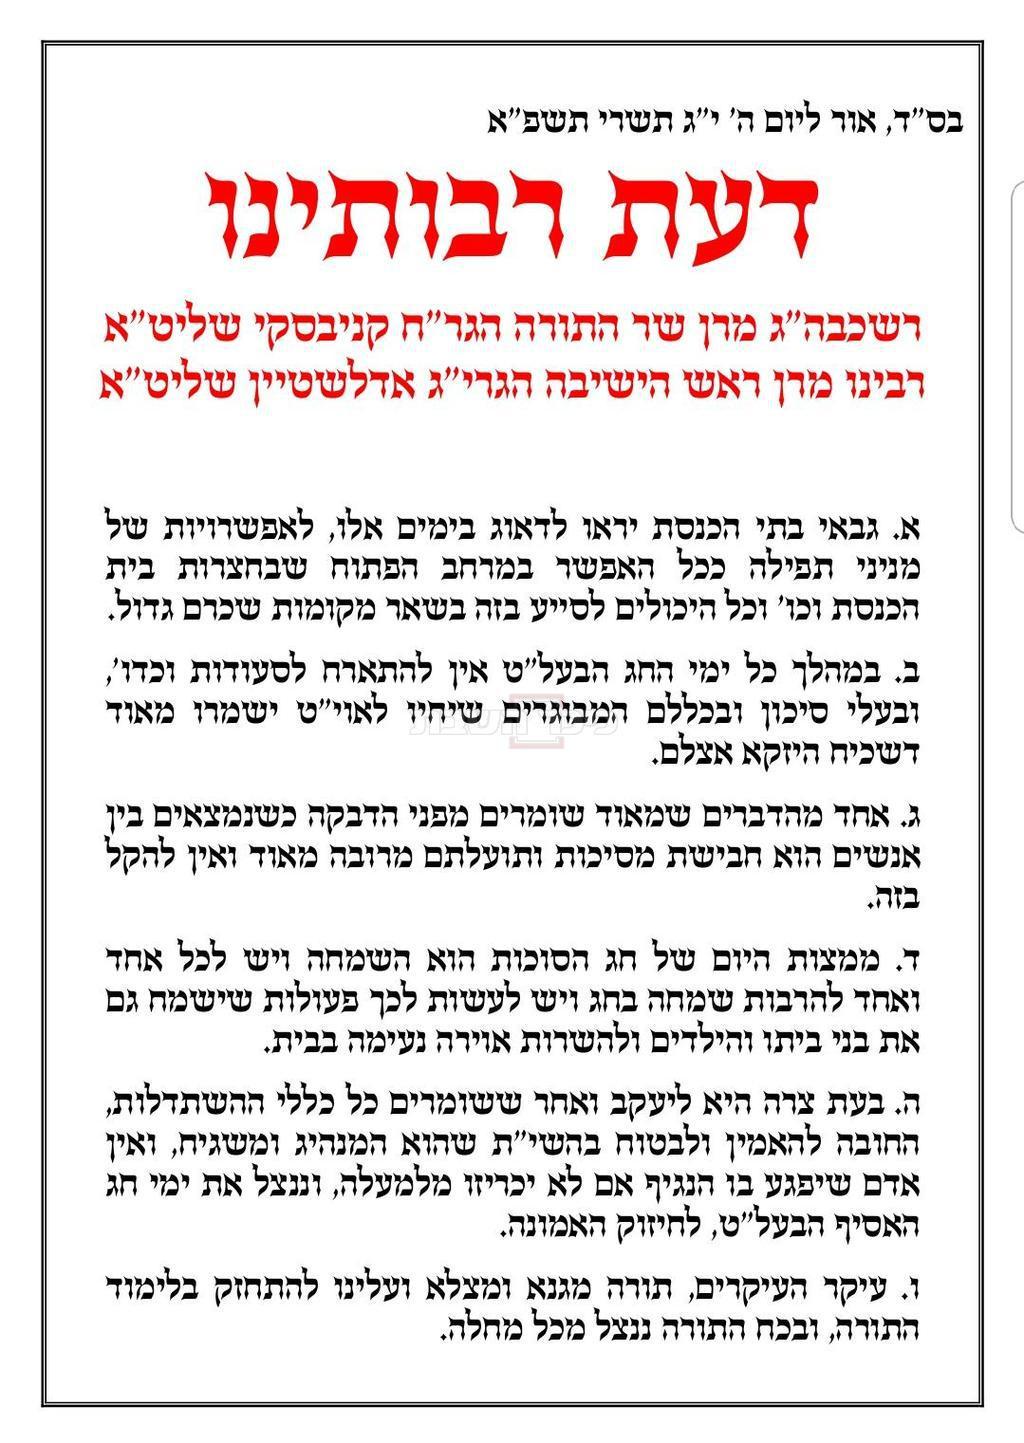 המכתב של גדולי ישראל